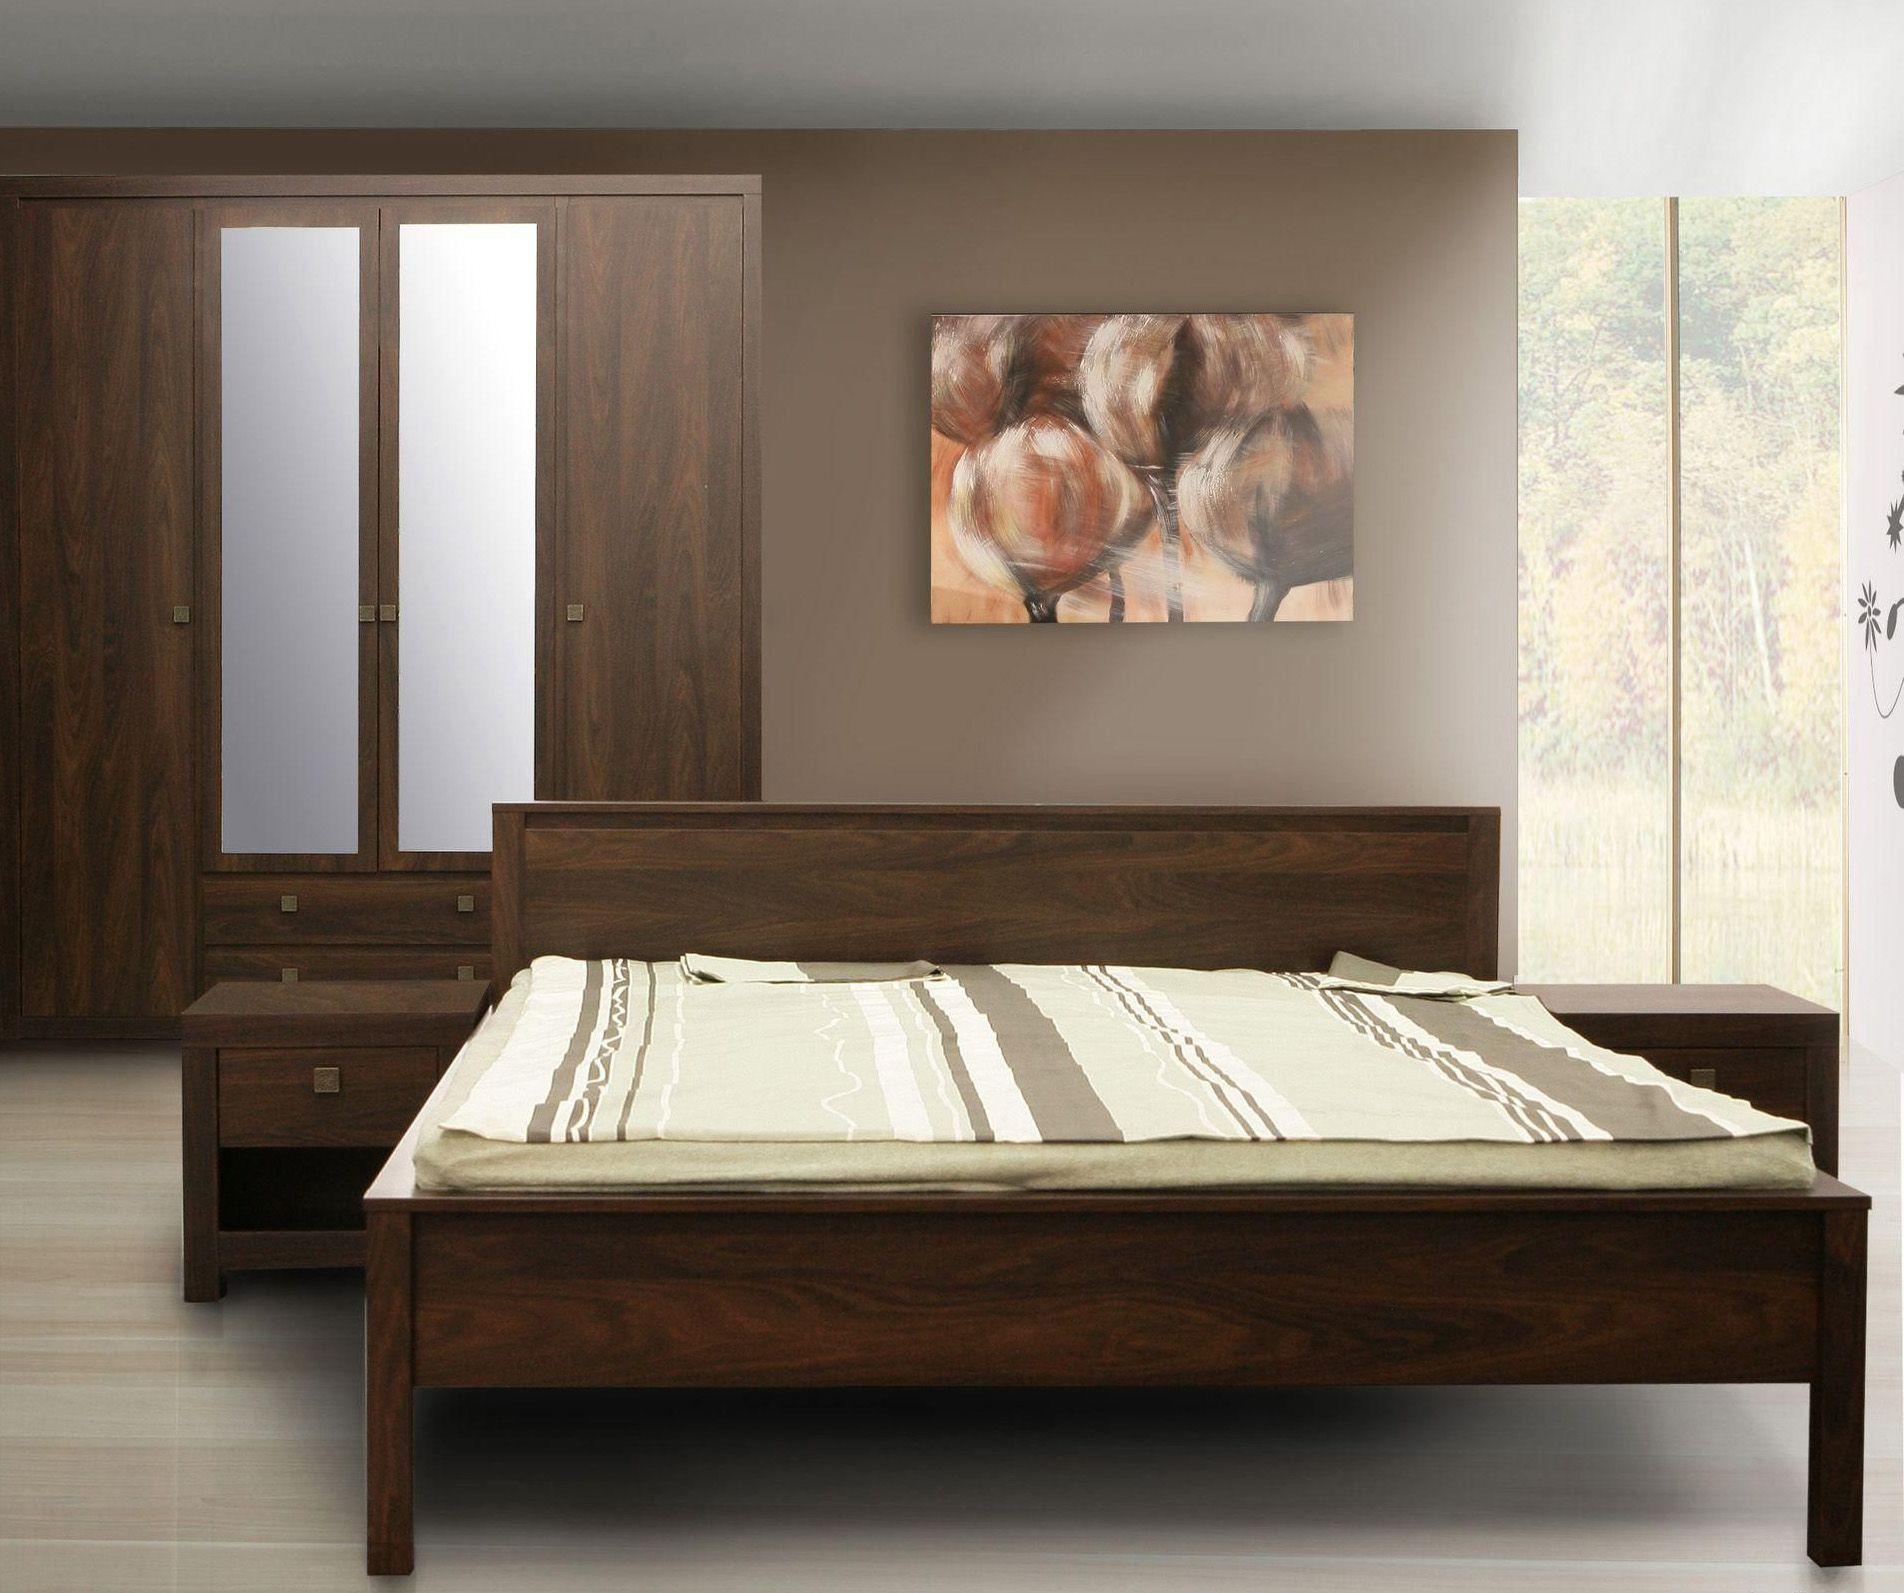 Schlafzimmer irma 4tlg passend zum schlafzimmer und garderobenprogramm irma in 2 verschiedenen farbvarianten